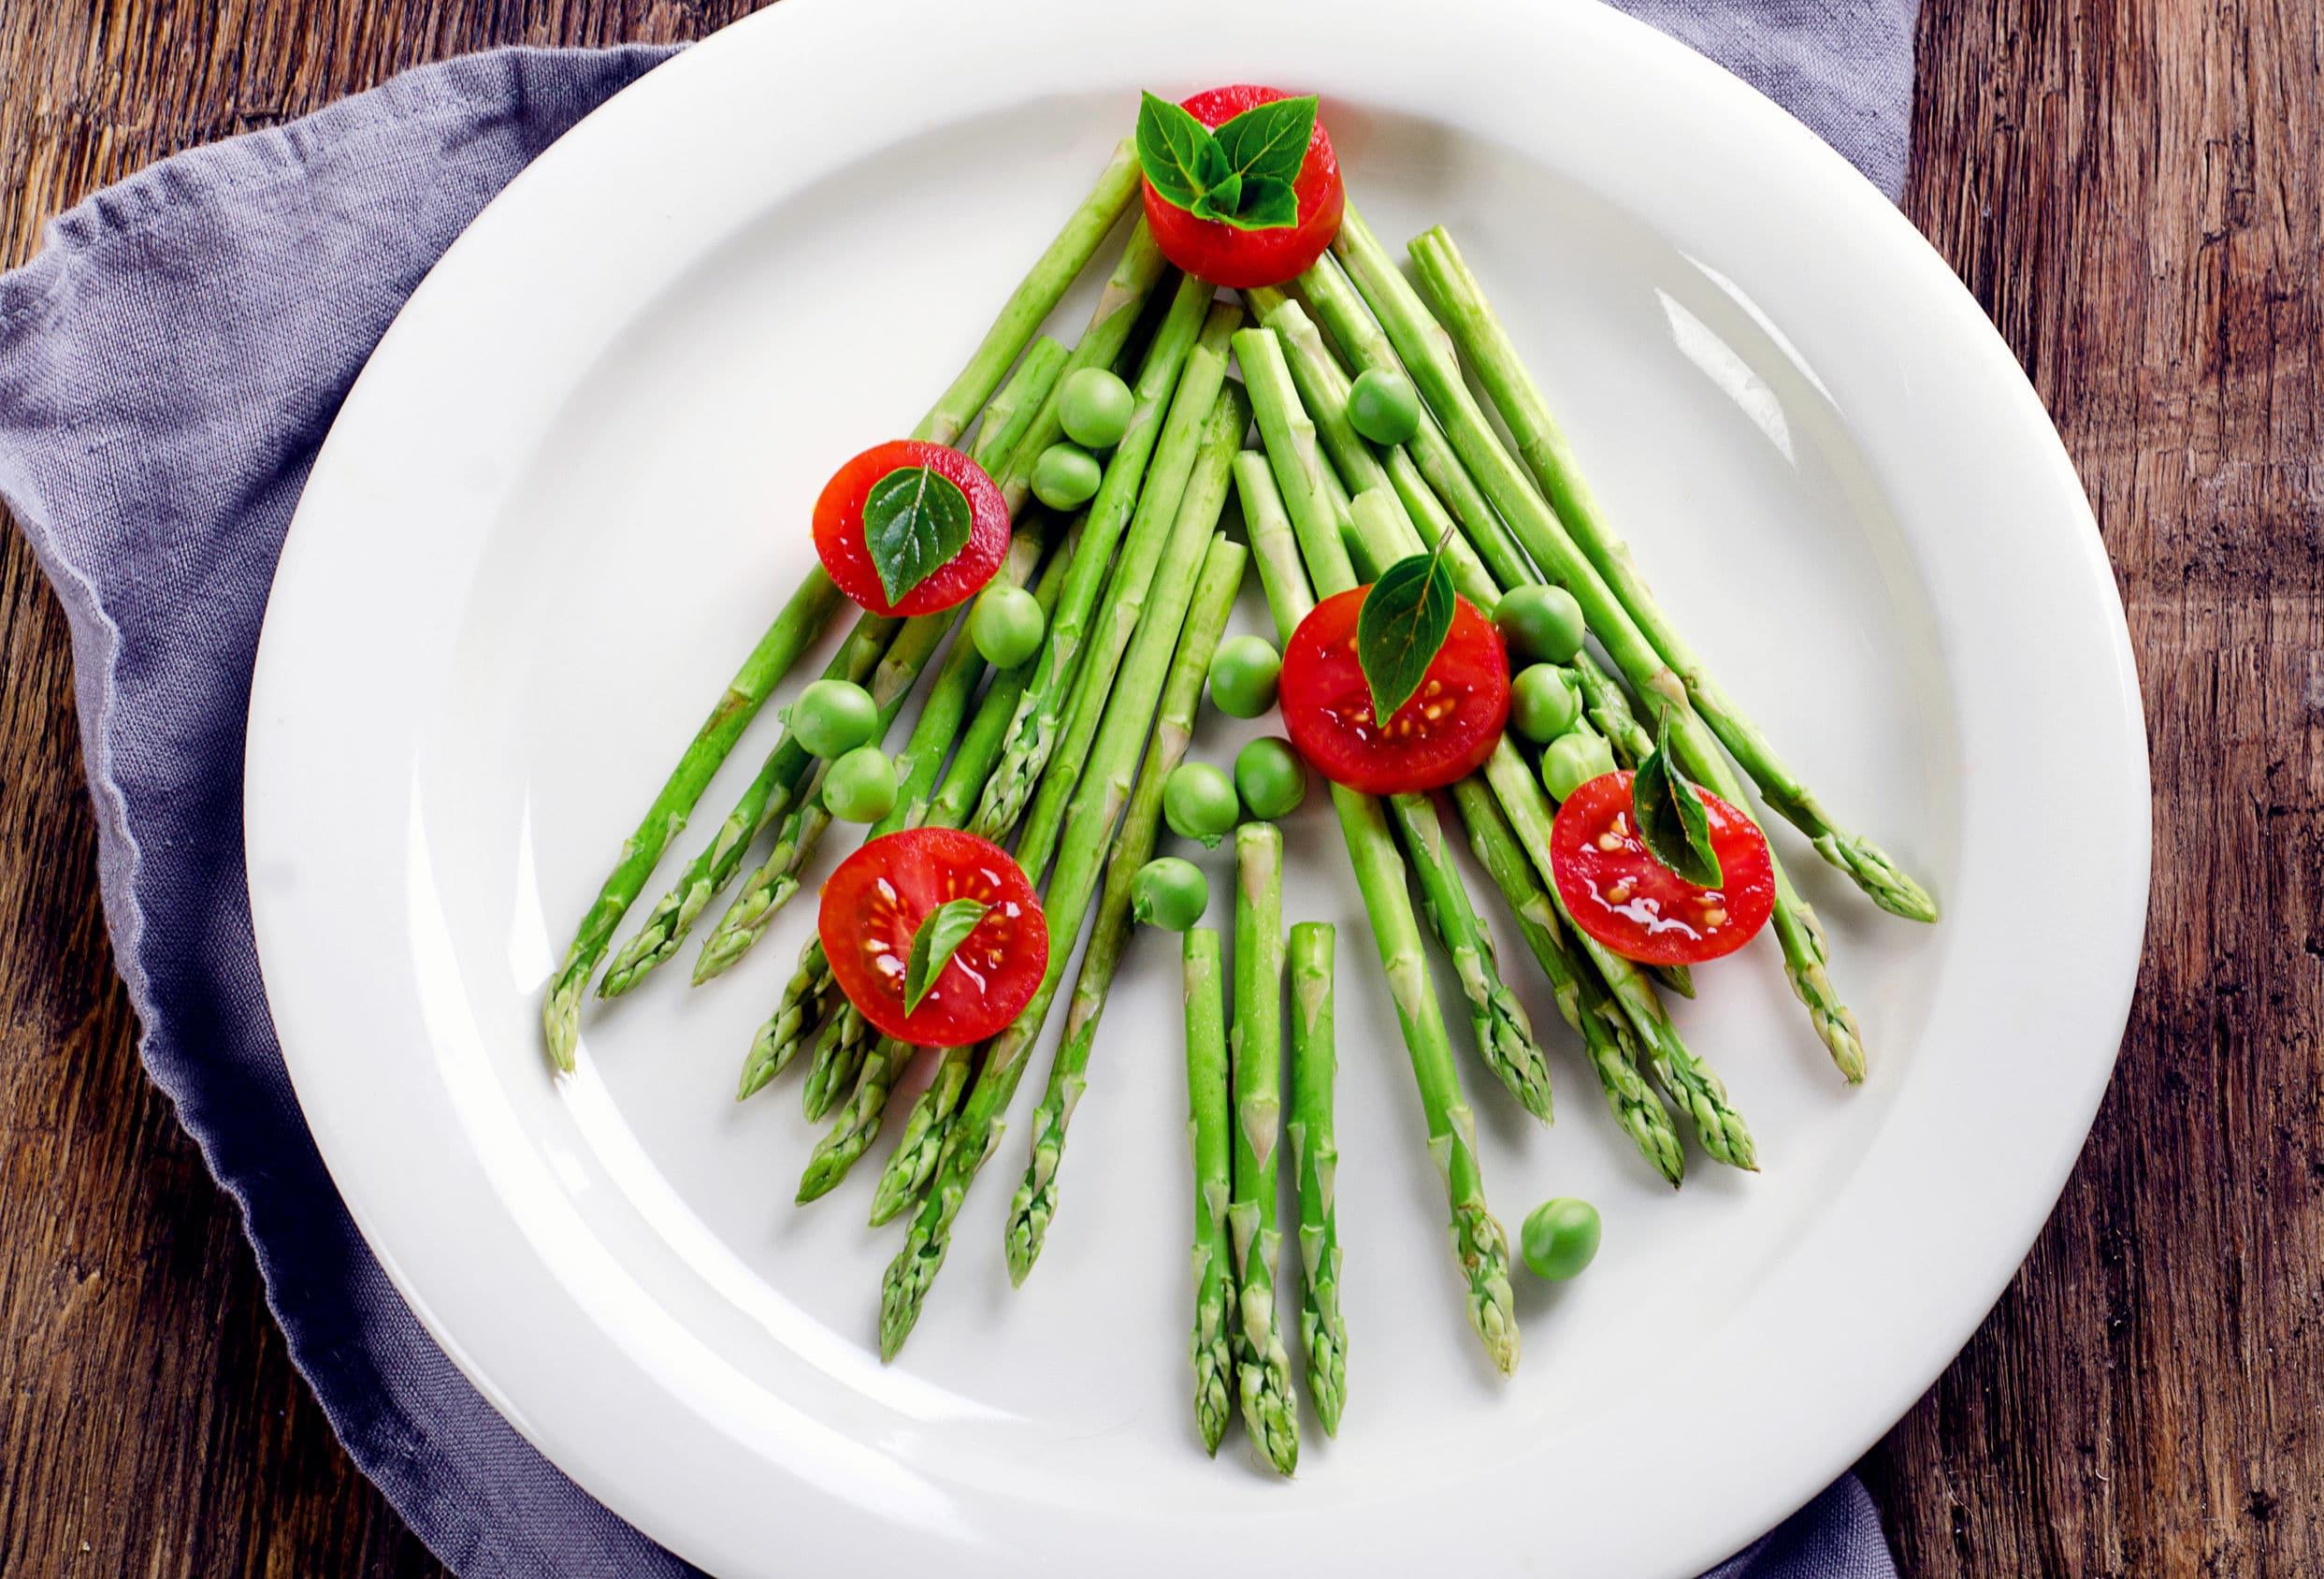 Prato branco em cima de mesa, com aspargos verdes colocados para desenhar uma árvore de natal e tomates cereja colocados como enfeites da árvore.